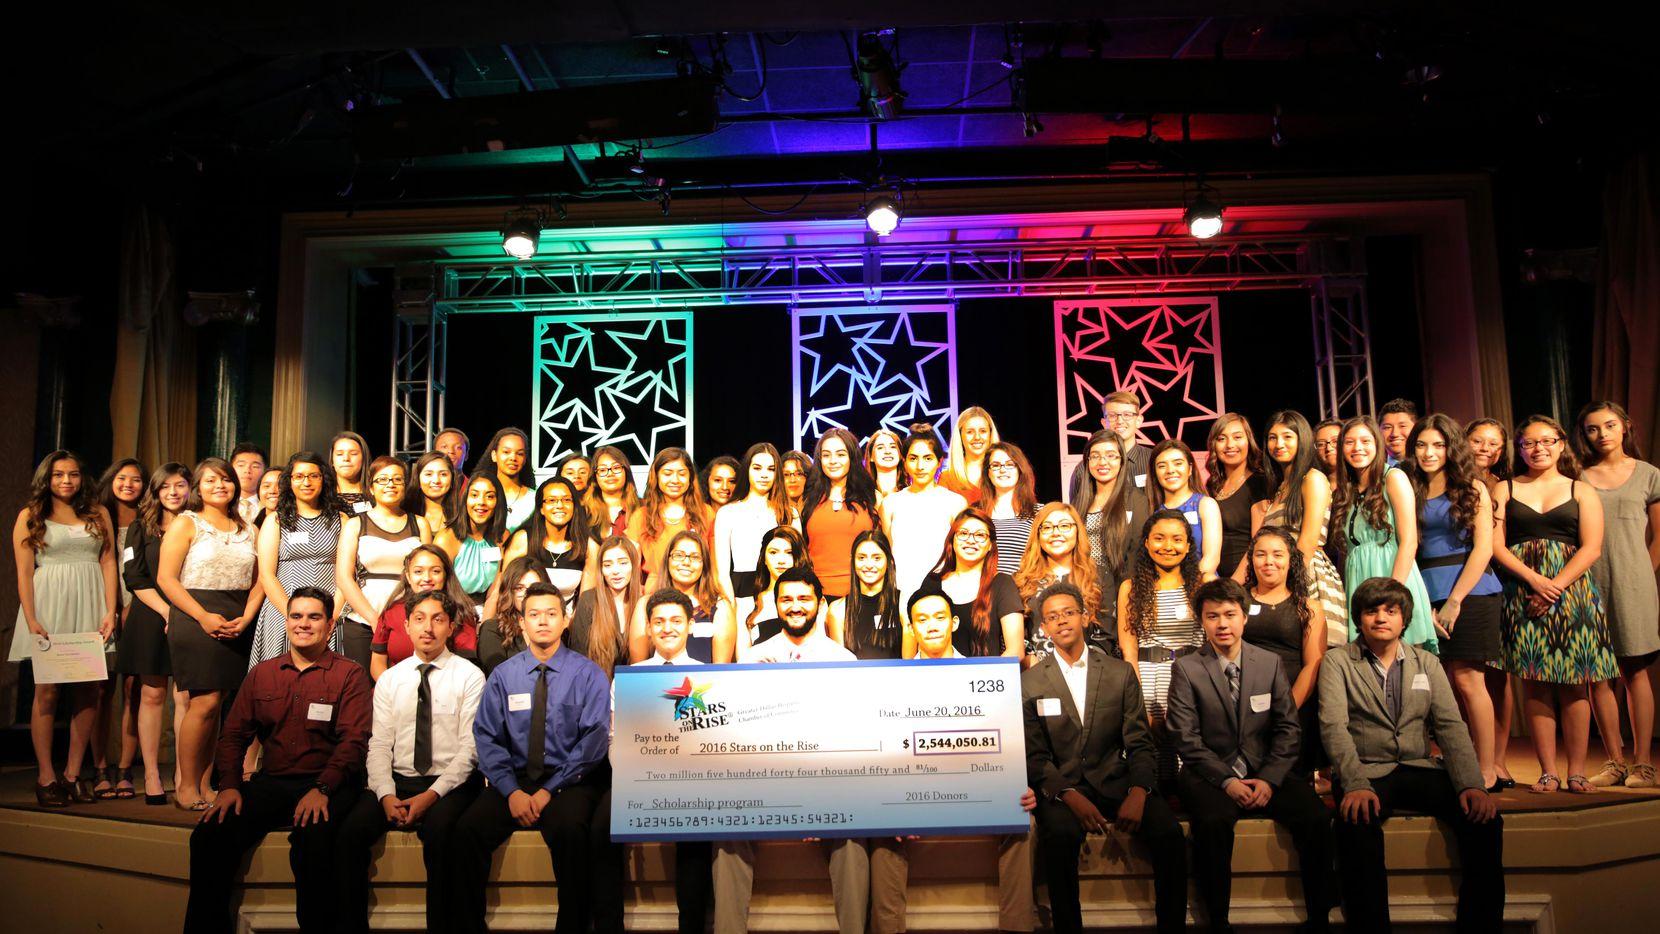 Los ganadores del año pasado de las becas Stars on the Rise, entregadas por la Cámara de Comercio Hispana de Dallas, posan con un cheque de $2.5 millones, fondos que se repartieron entre los aspirantes.(CORTESÍA)